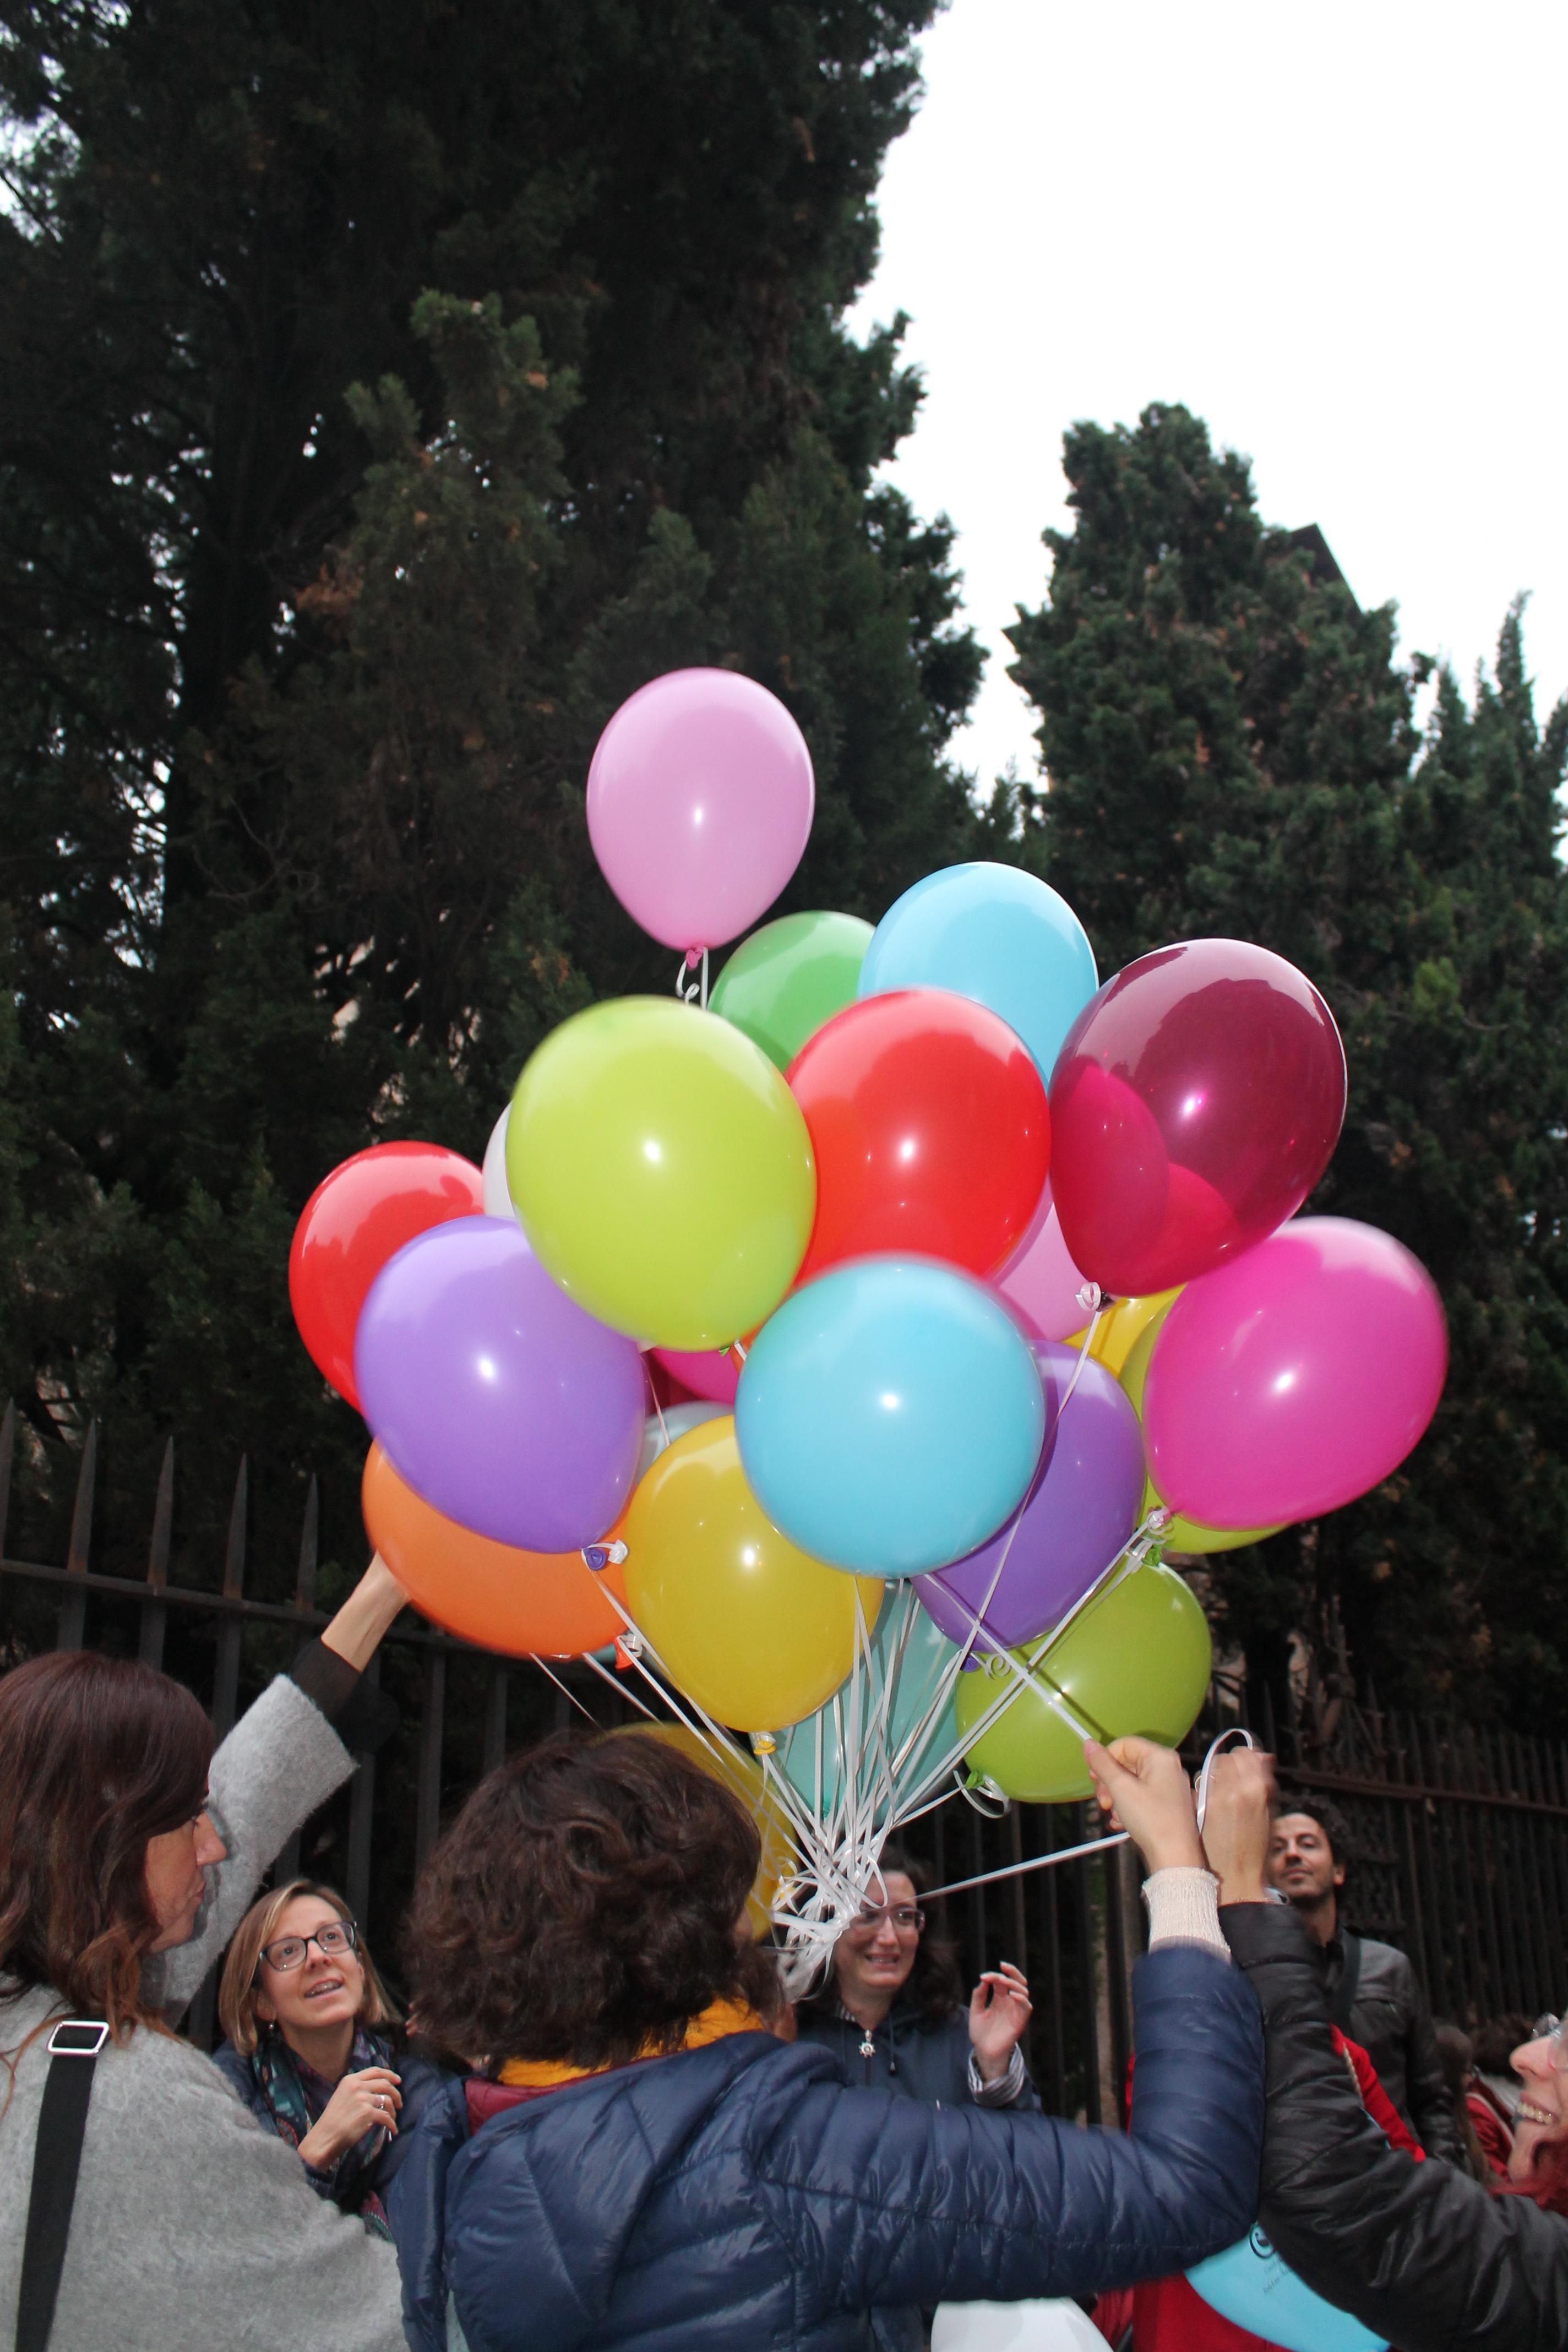 Buon compleanno CiaoLapo